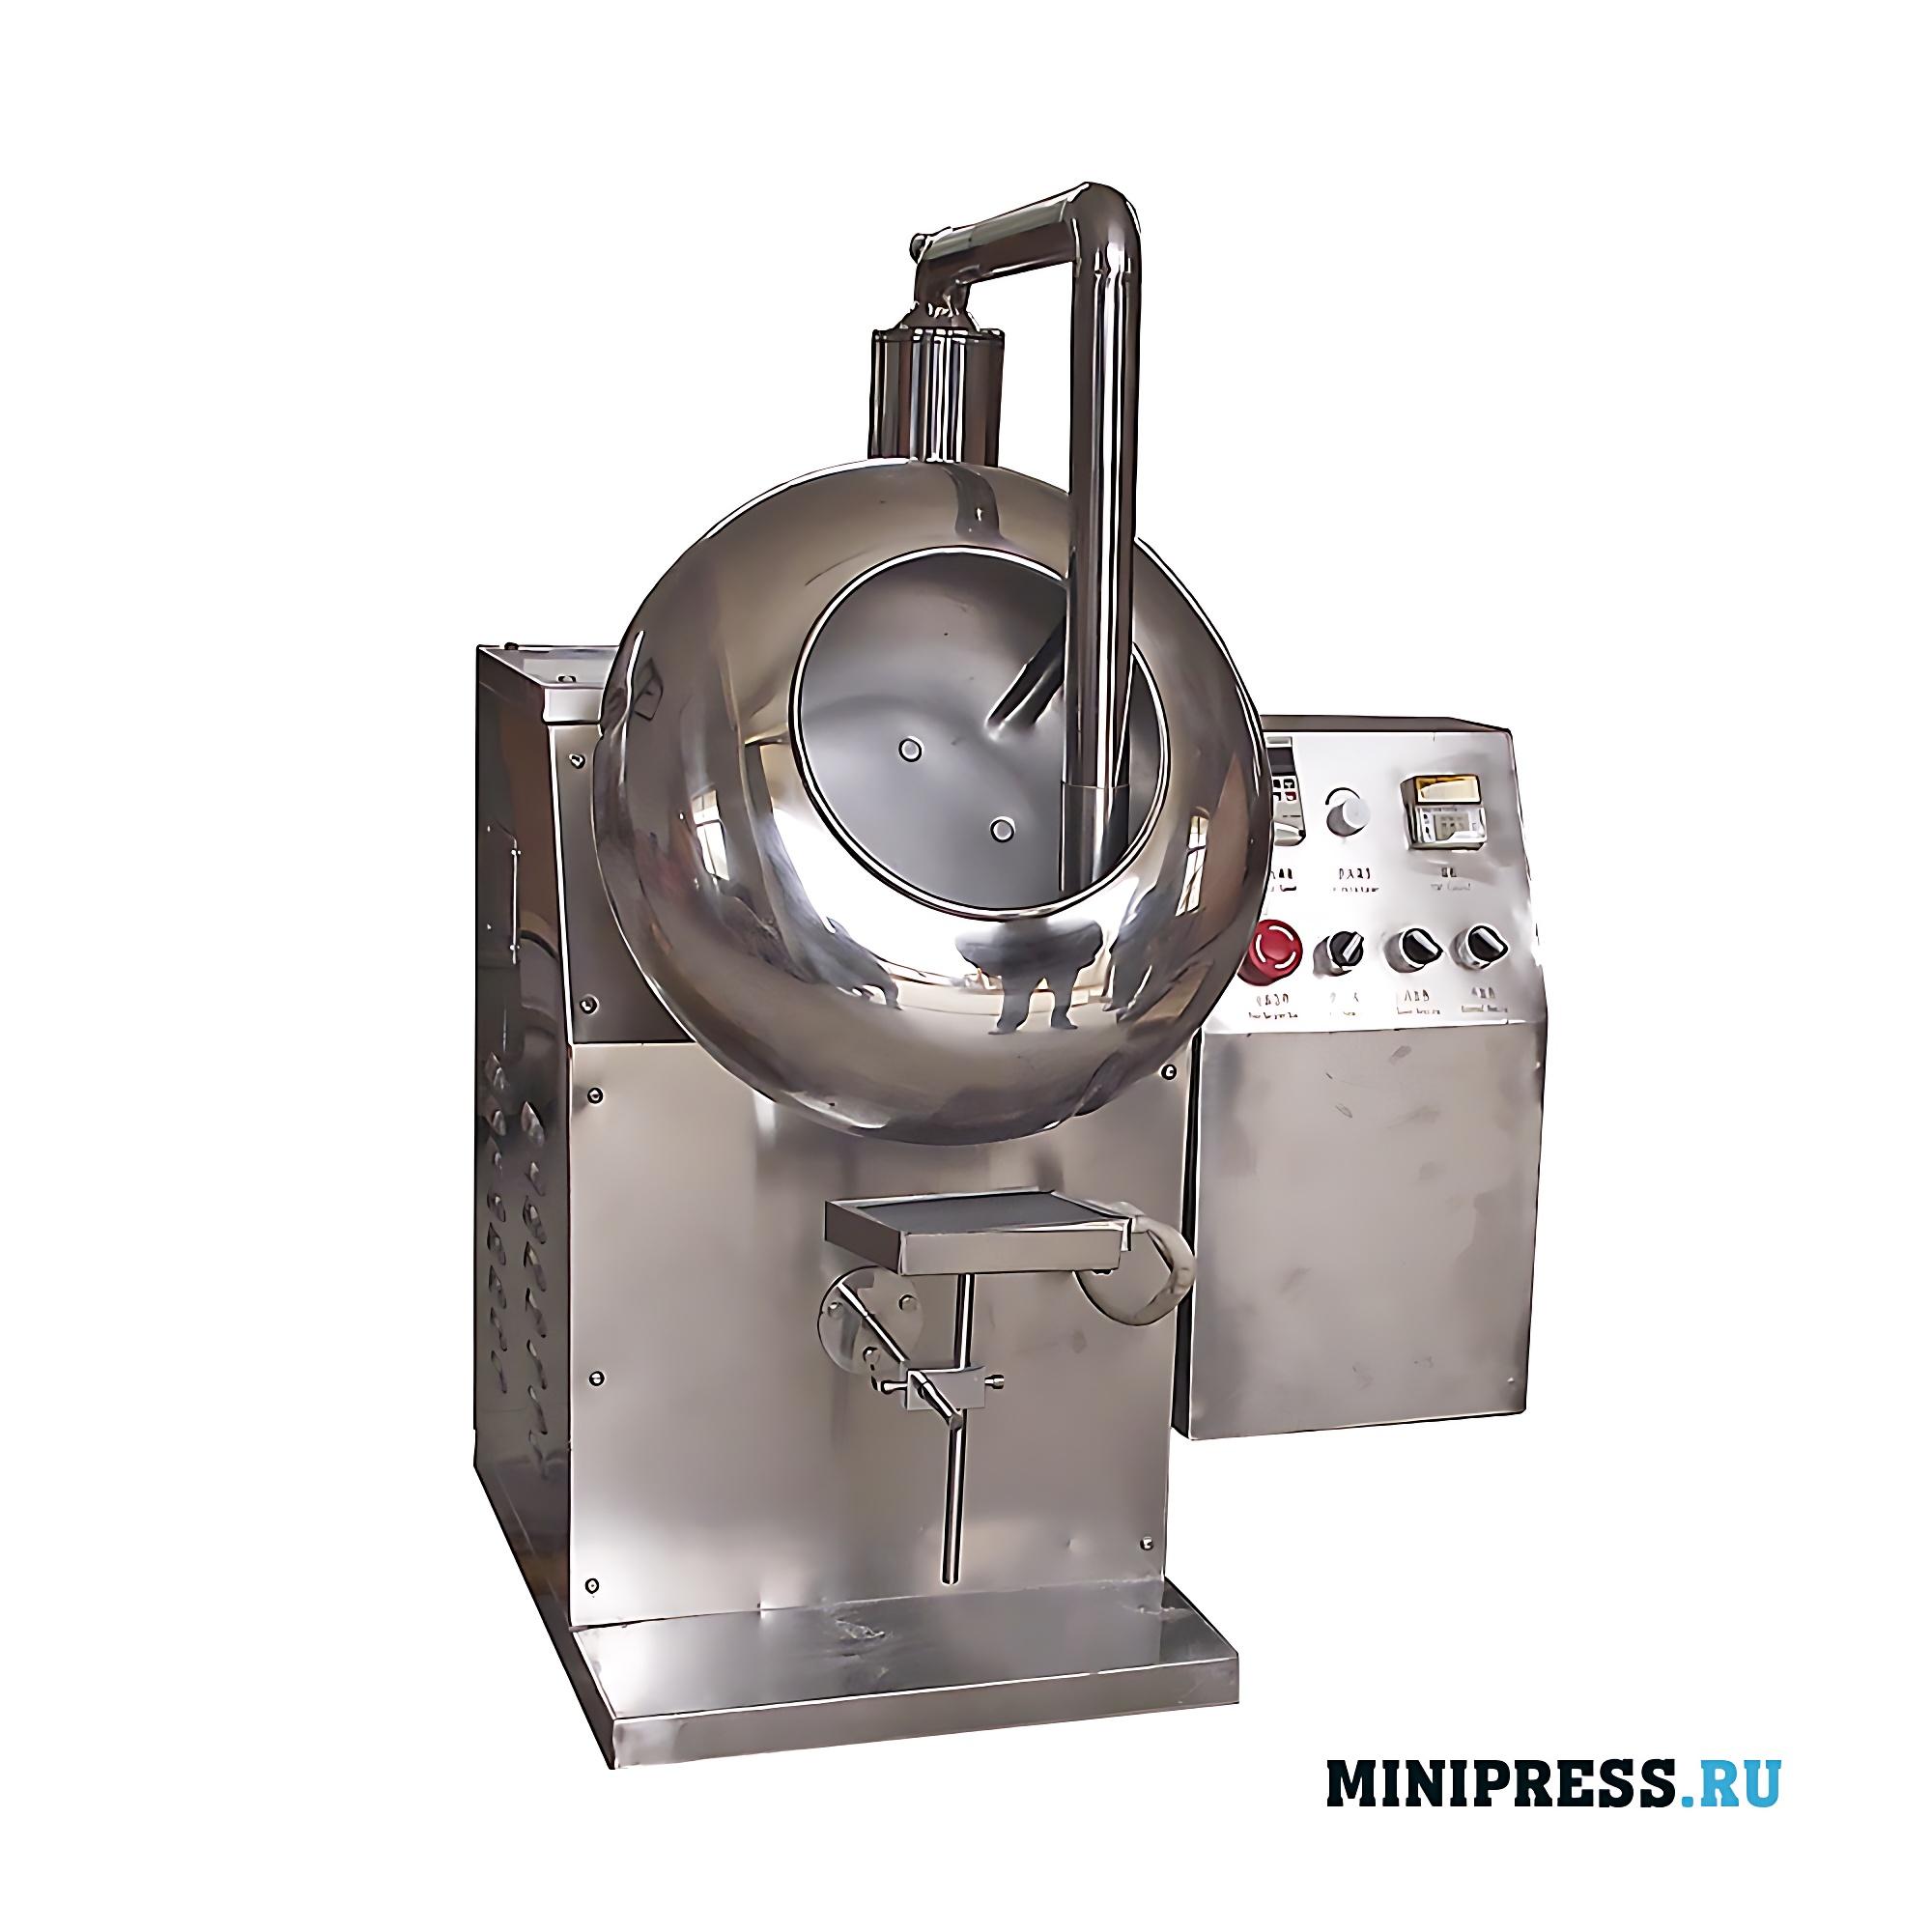 Дражировочный котел используется для нанесения полированных органических оболочек